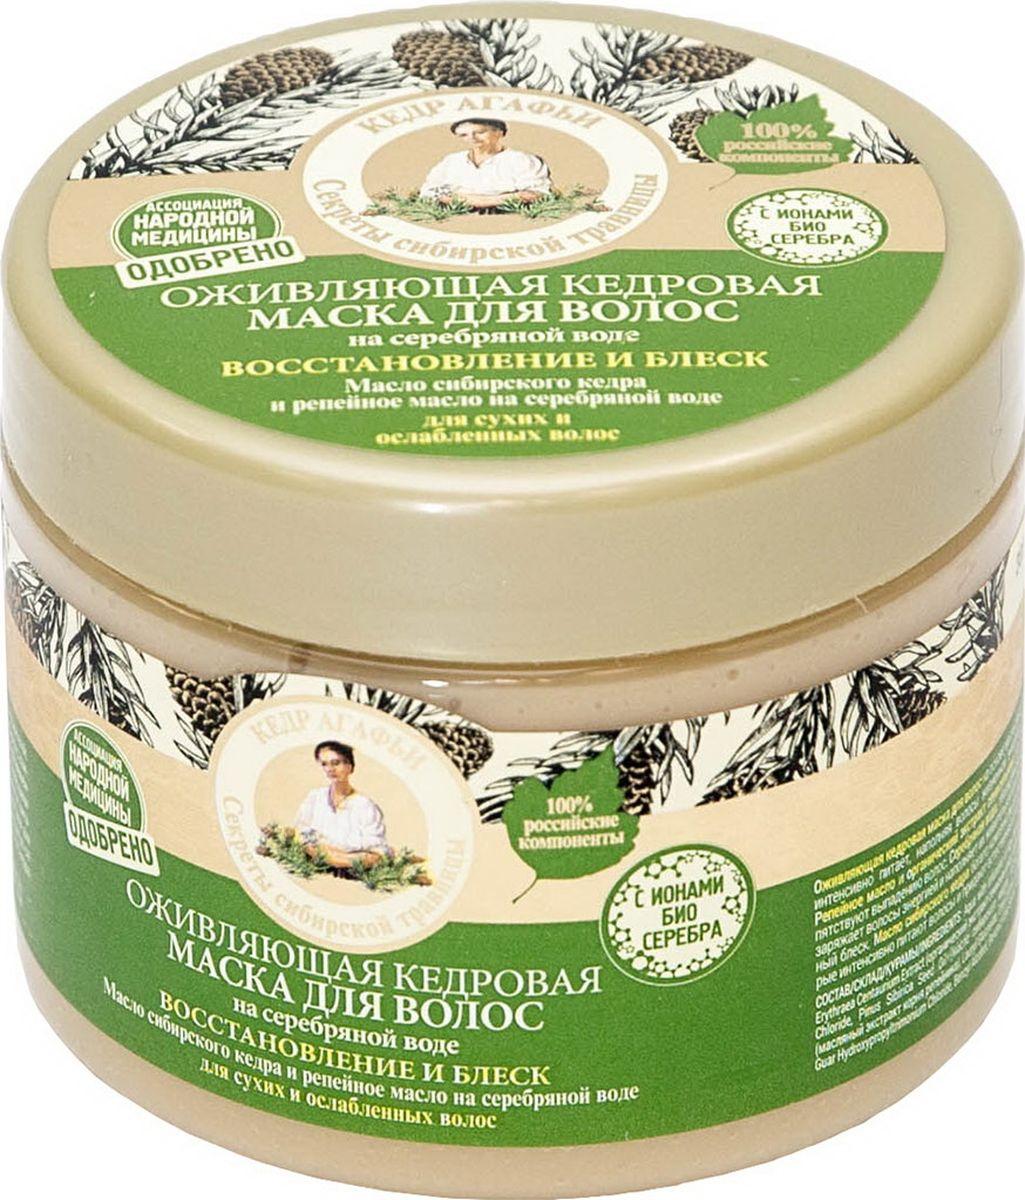 Рецепты бабушки Агафьи маска для волос восстановление и блеск оживляющая, 300 мл